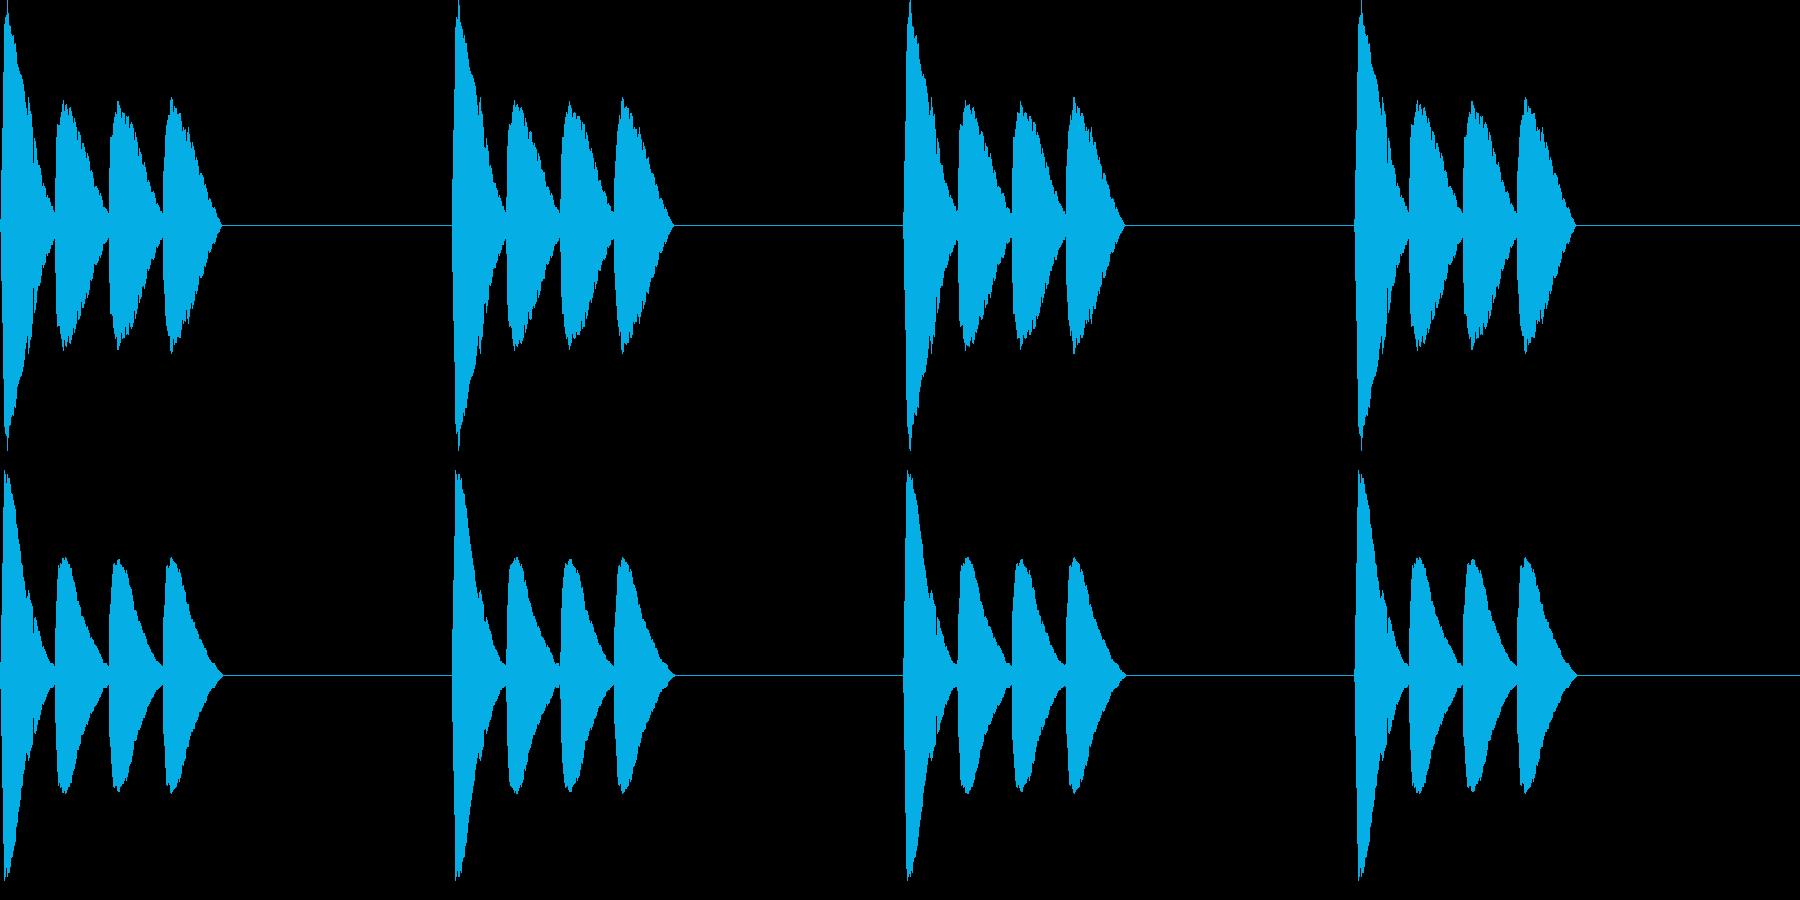 【アラーム】電子音 - ピピピピッの再生済みの波形